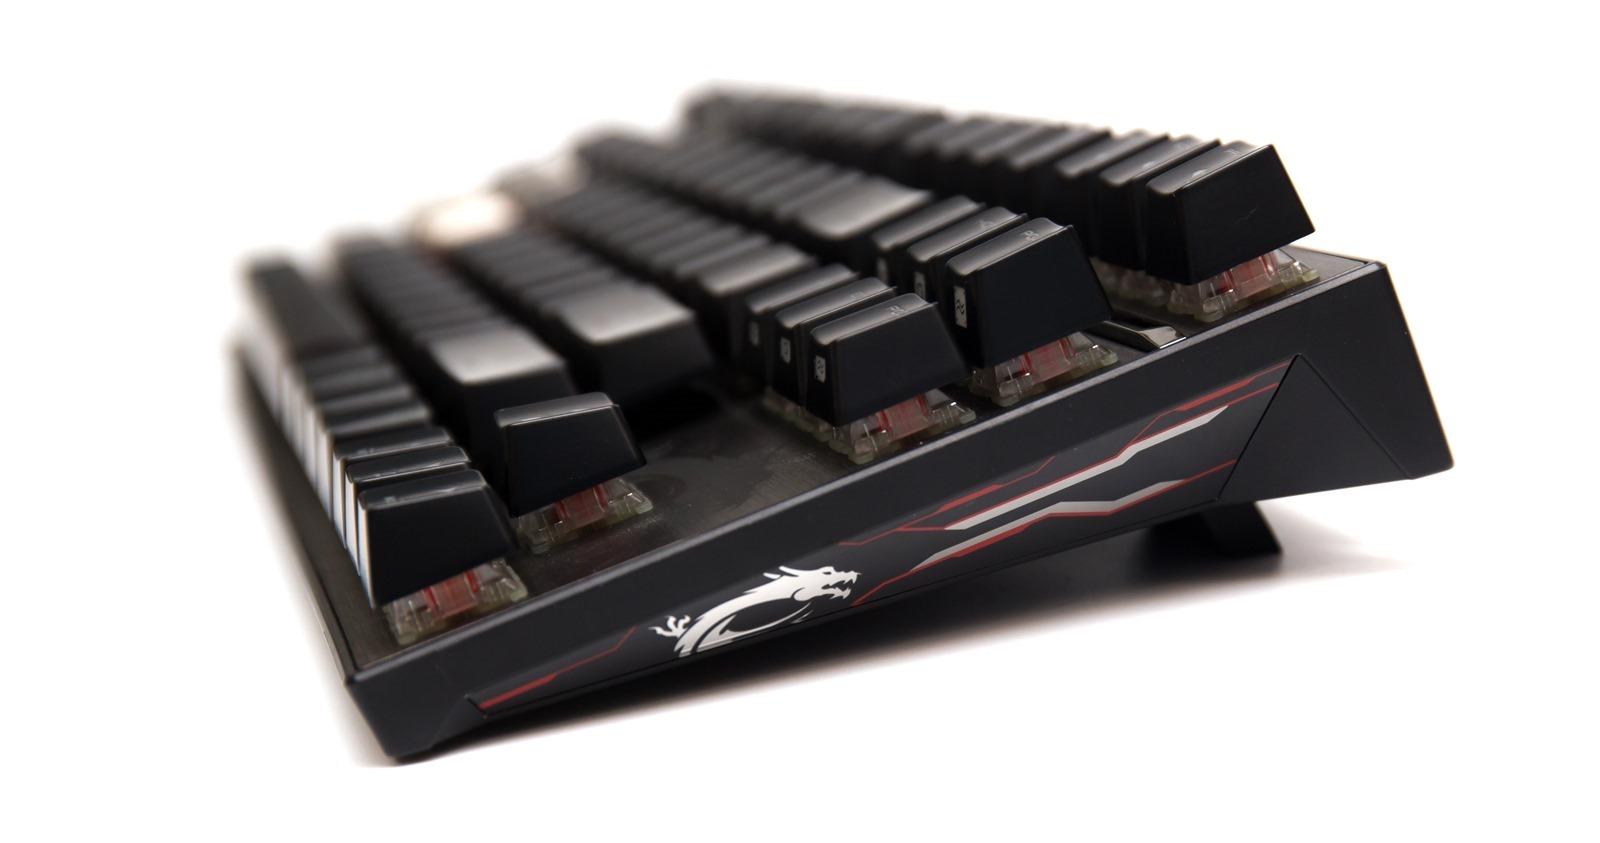 小空間也能享有機械式鍵盤的快感! MSI 微星 VIGOR GK70 開箱 @3C 達人廖阿輝